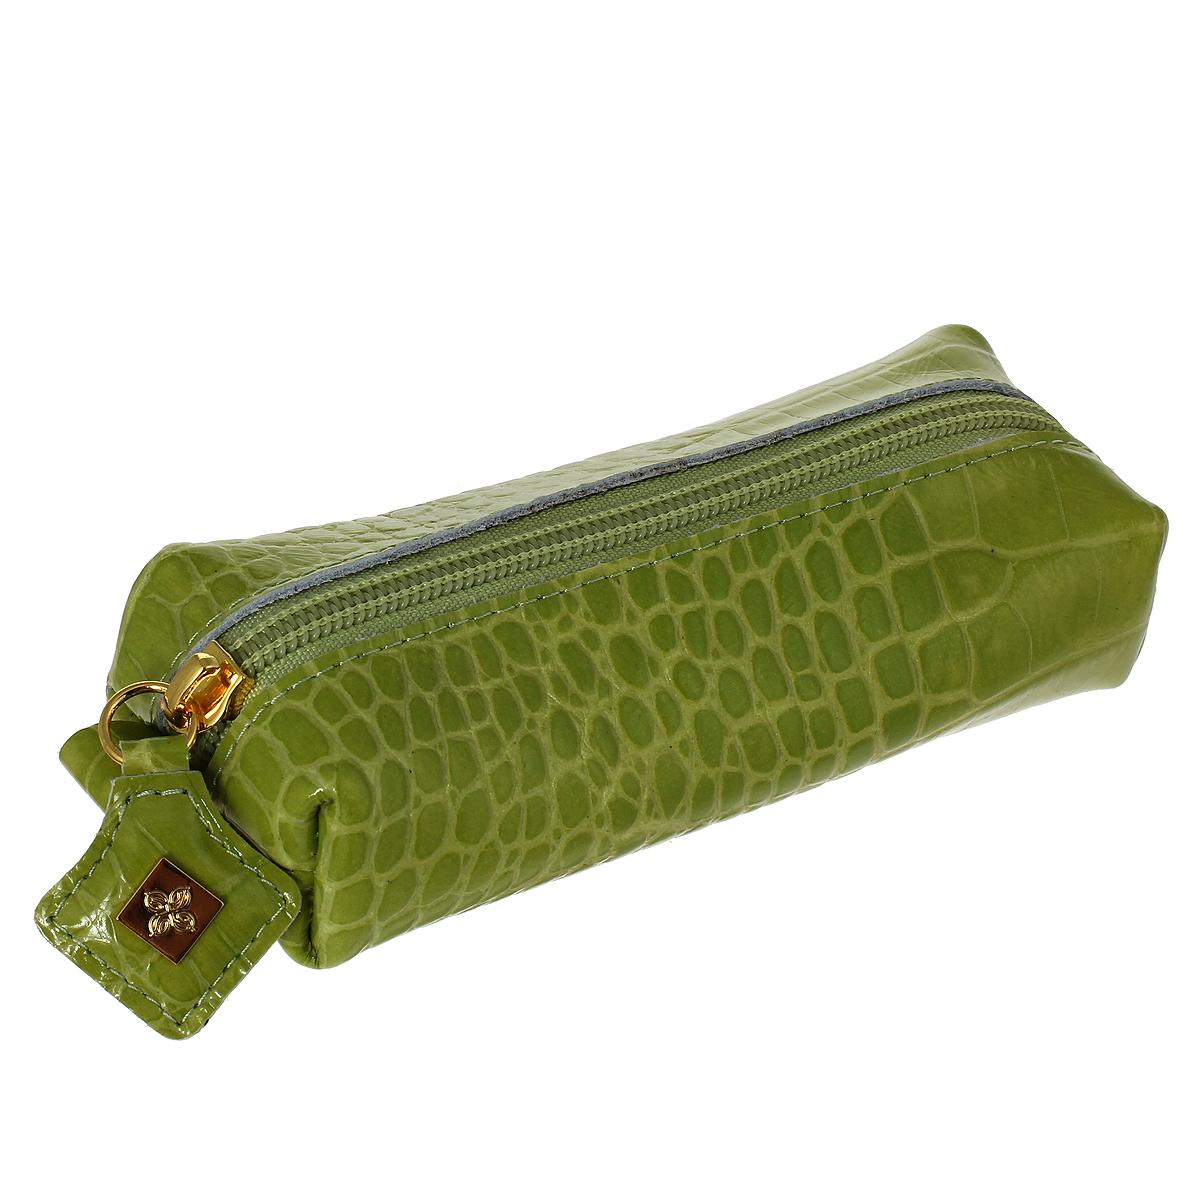 Ключница Dimanche Лайм, цвет: зеленый. 399Браслет с подвескамиКлючница Dimanche Лайм изготовлена из натуральной лакированной кожи зеленого цвета с декоративным тиснением под рептилию. Закрывается на застежку-молнию. Внутри содержится металлическое кольцо для ключей. Без подкладки. Фурнитура - серебристого цвета. Яркая ключница не только поможет хранить все ключи в одном месте, но и станет стильным аксессуаром, который идеально дополнит ваш образ.